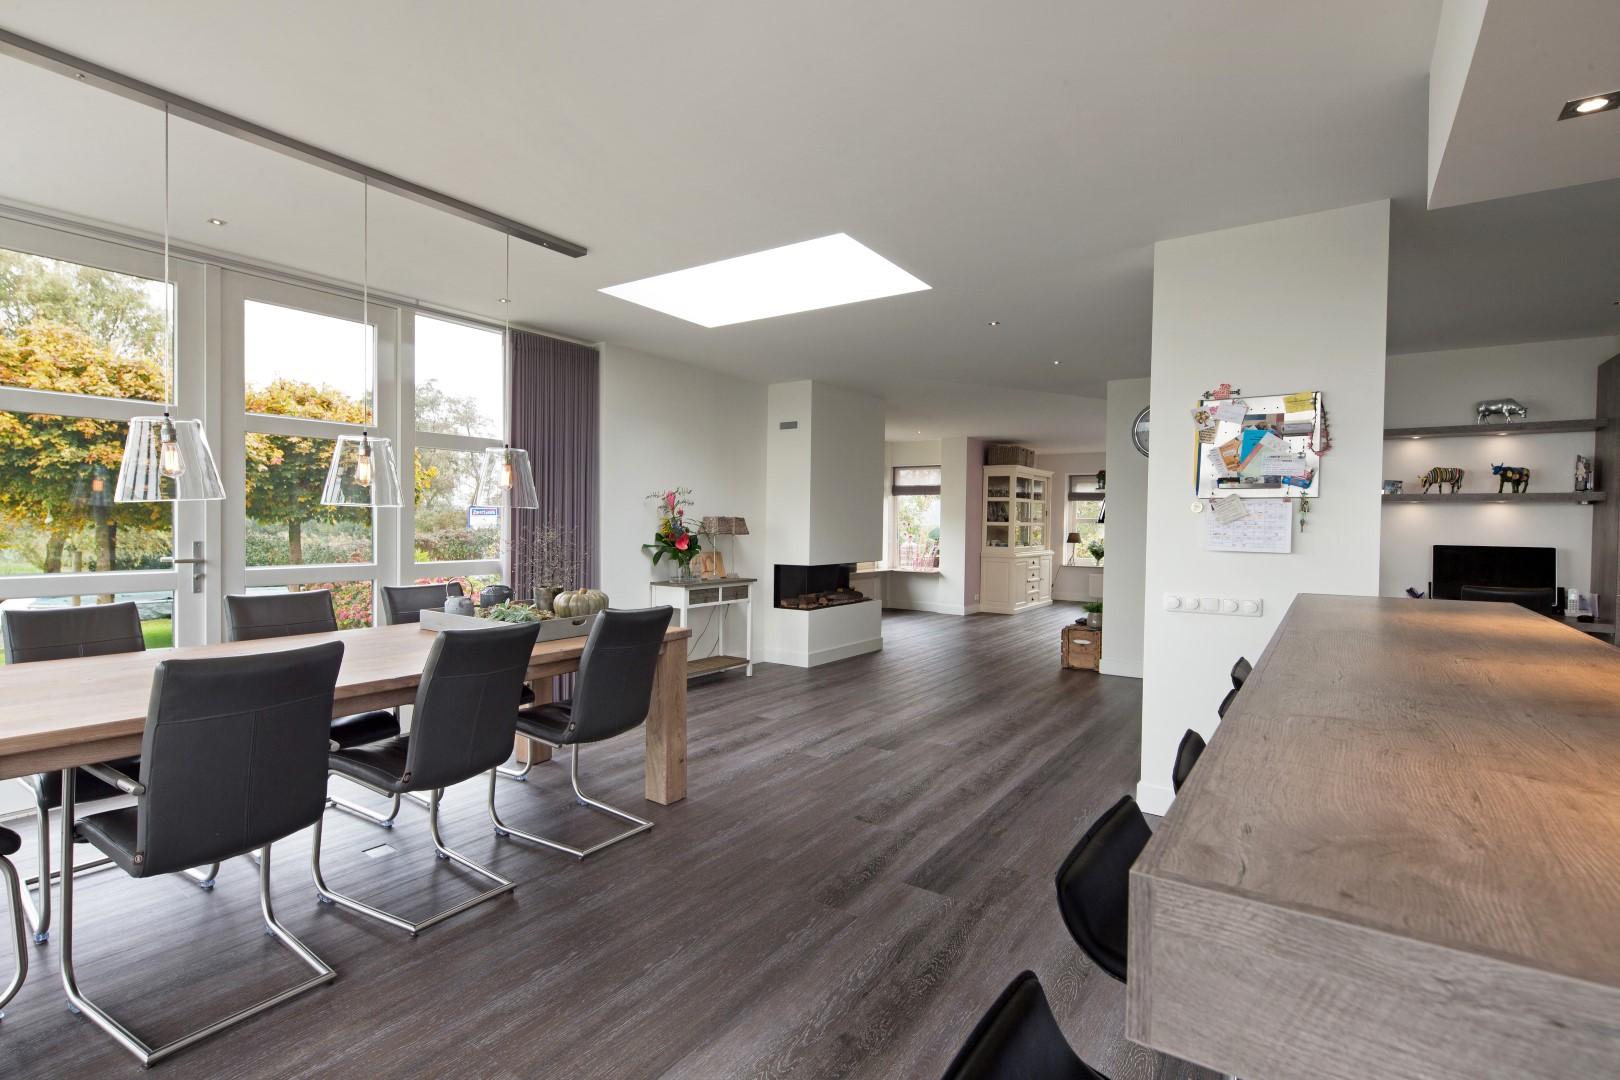 stoel_architect_kampen_verbouwen_woonhuis_zwartsluis (9) (Large)